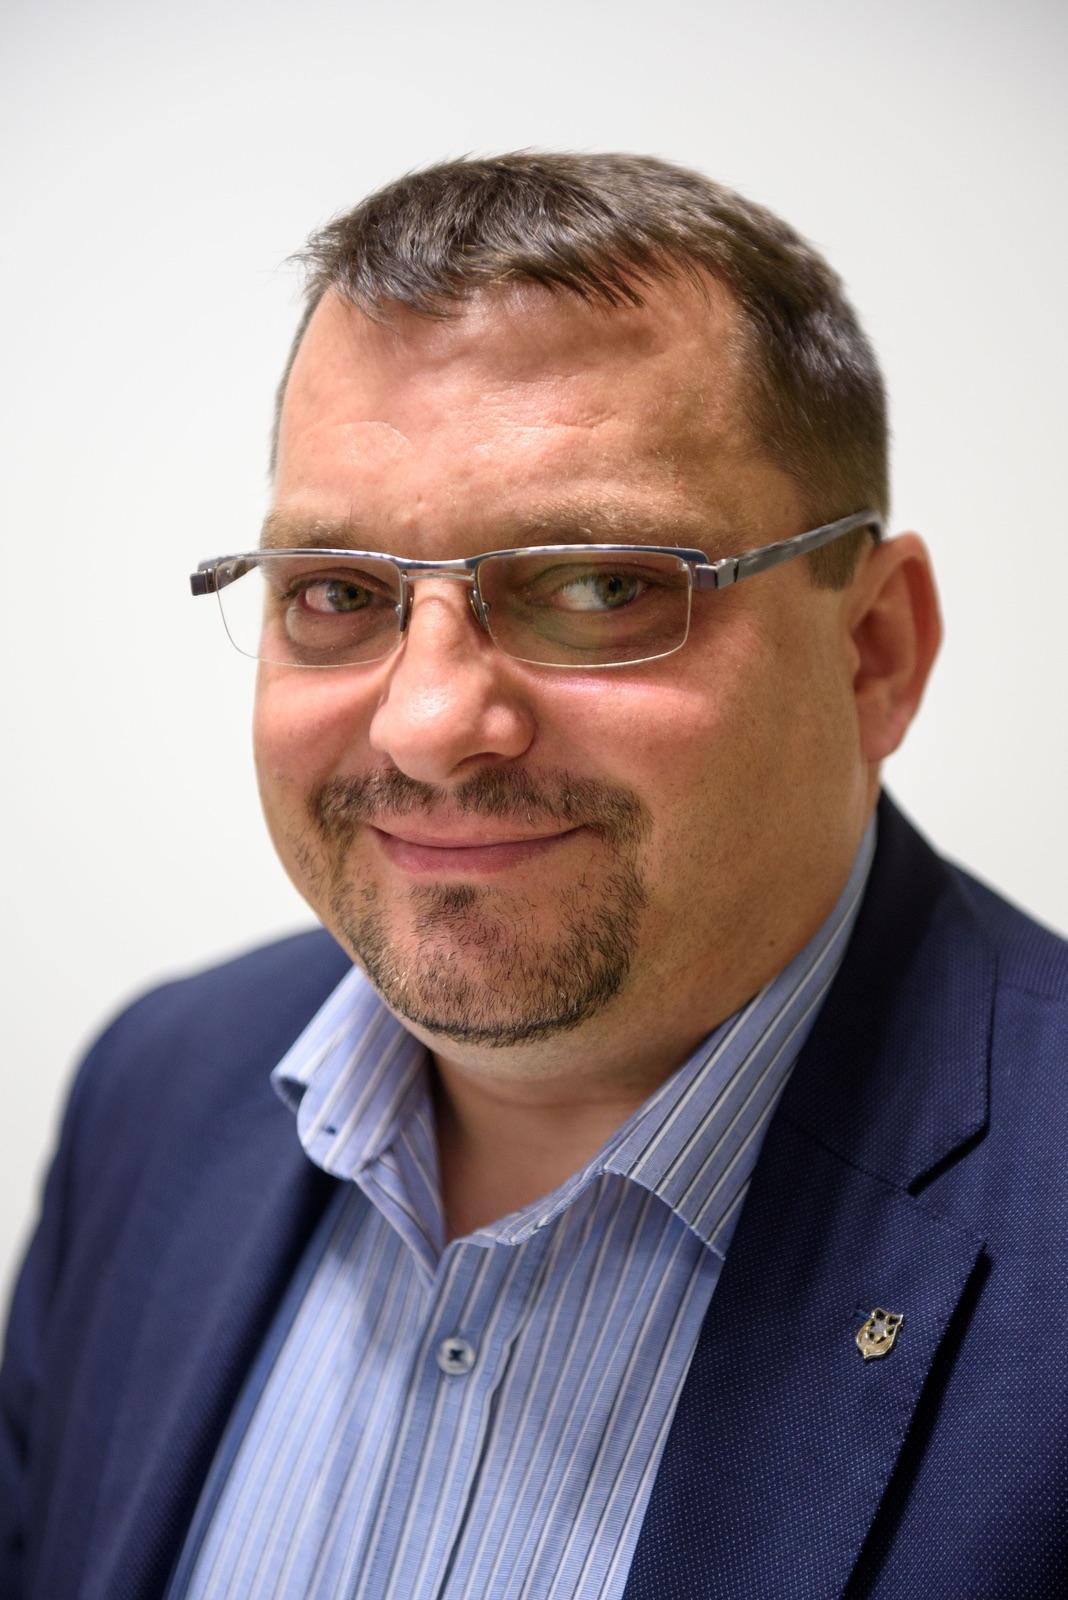 Krzysztof Podgórski